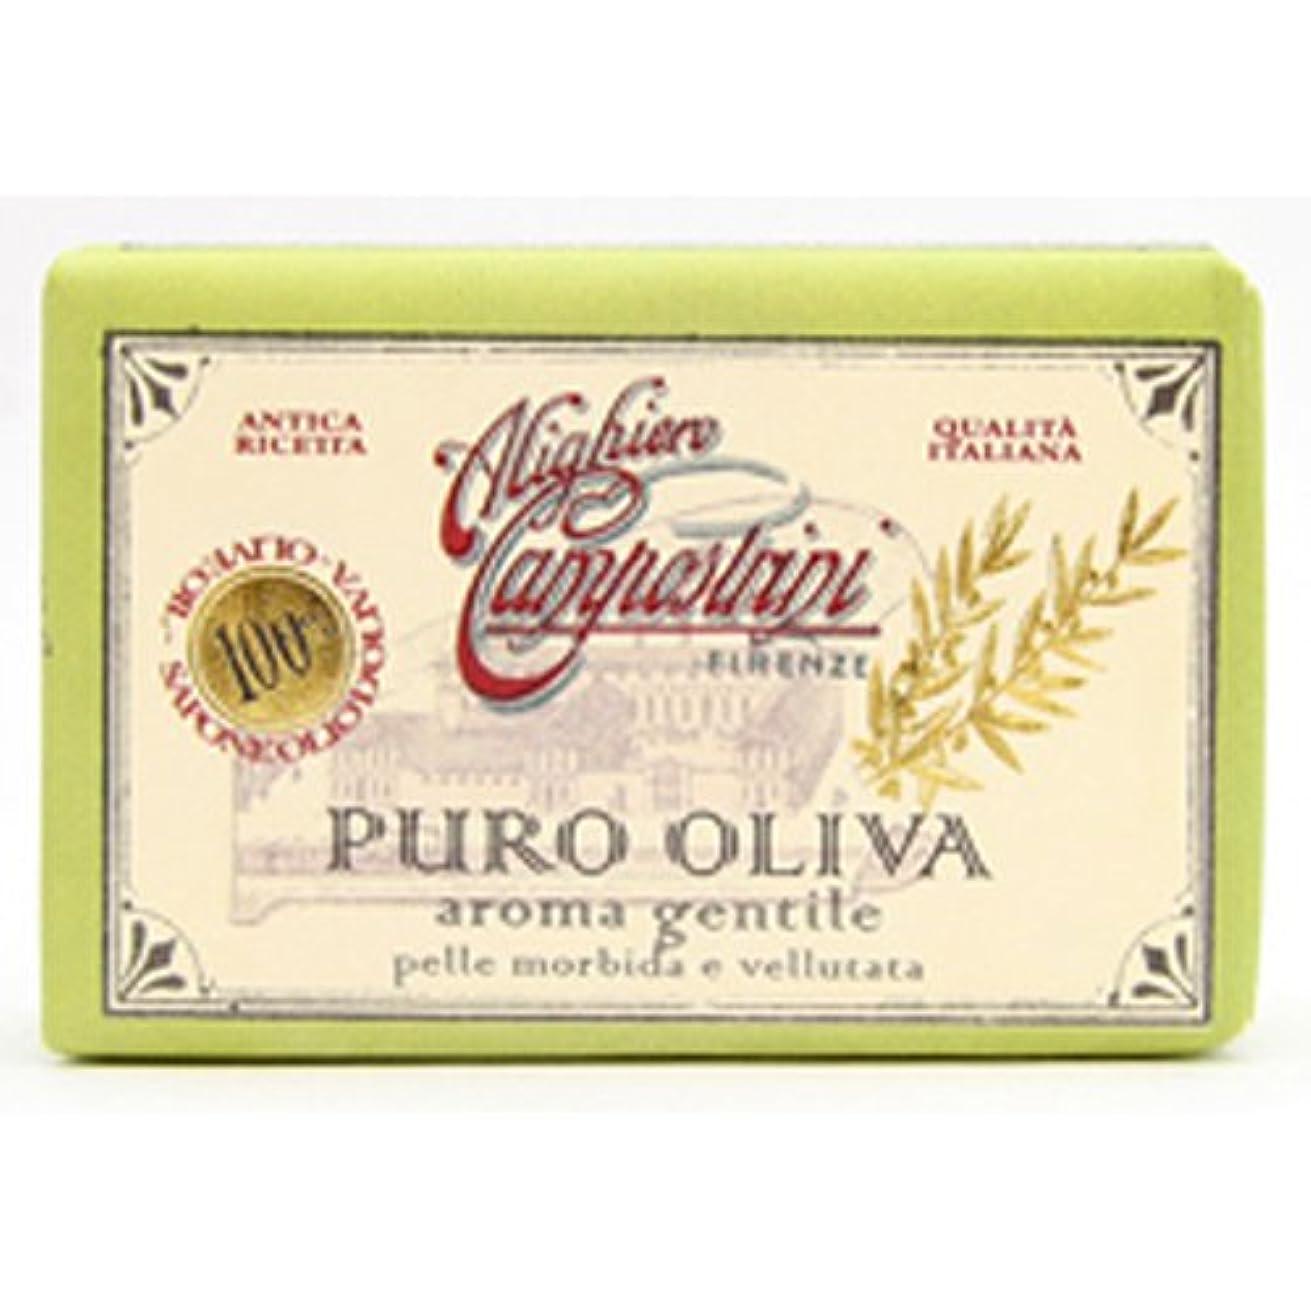 ラインおびえた意欲Saponerire Fissi サポネリーフィッシー PURO OLIVA Soap オリーブオイル ピュロ ソープ Aroma gentile ジェントル(グリーン)